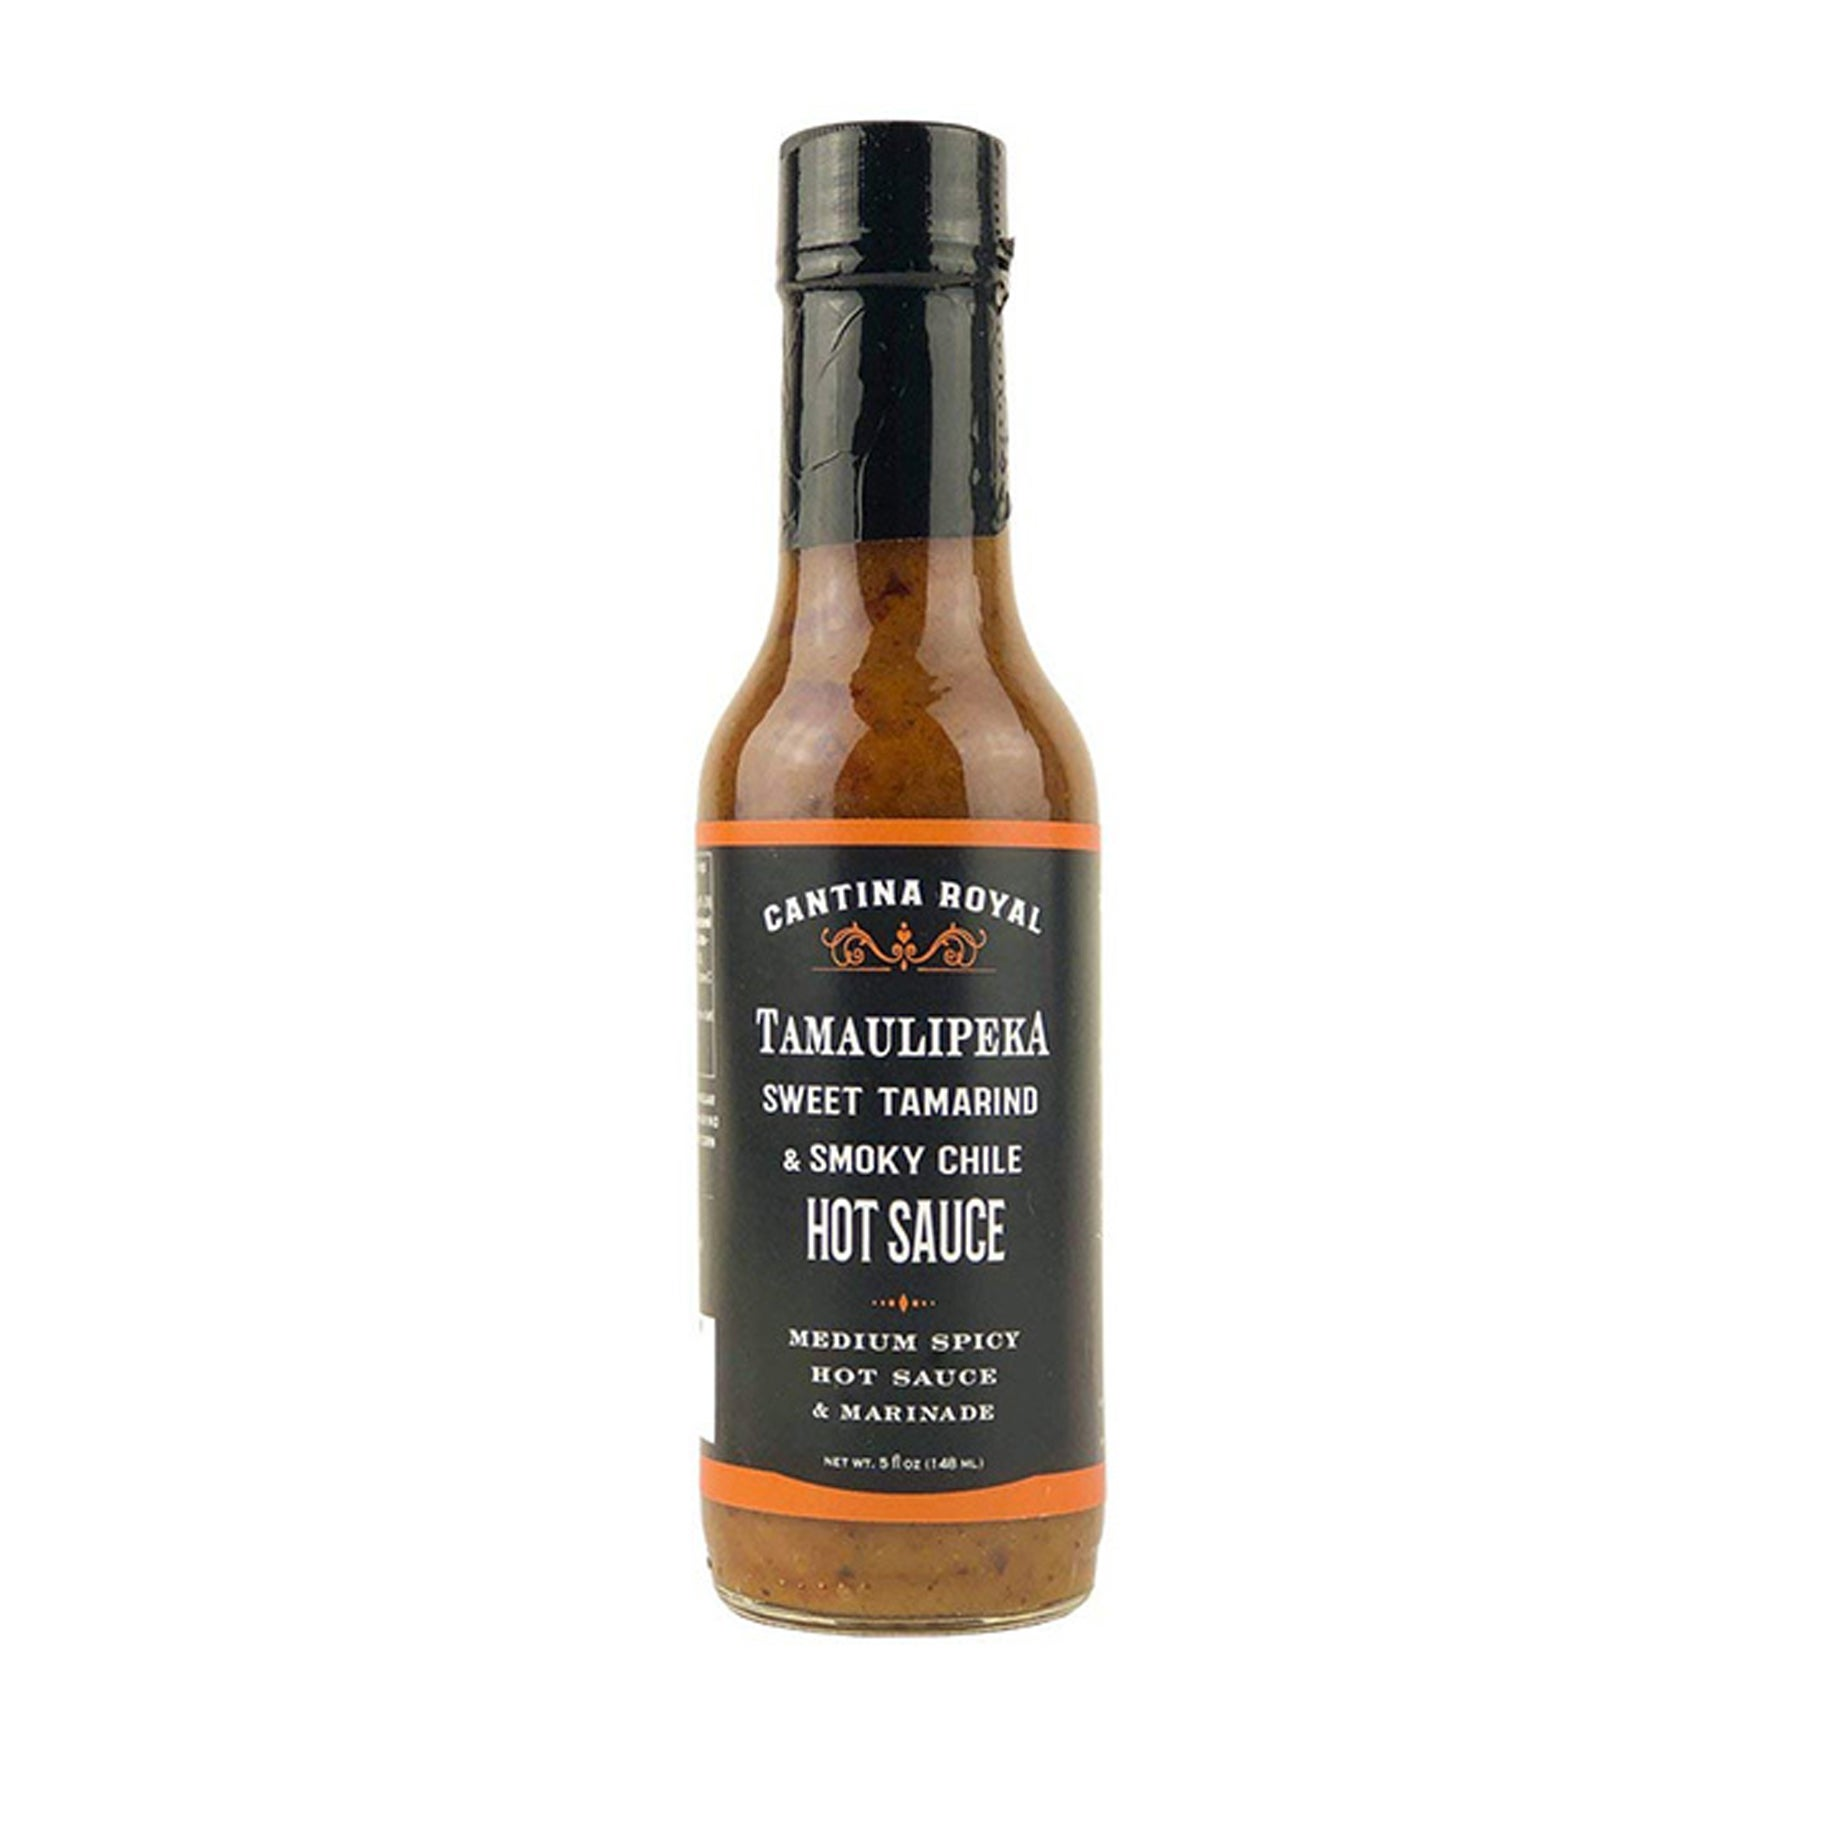 The Best Hot Sauces Option: Cantina Royal Tamaulipeka